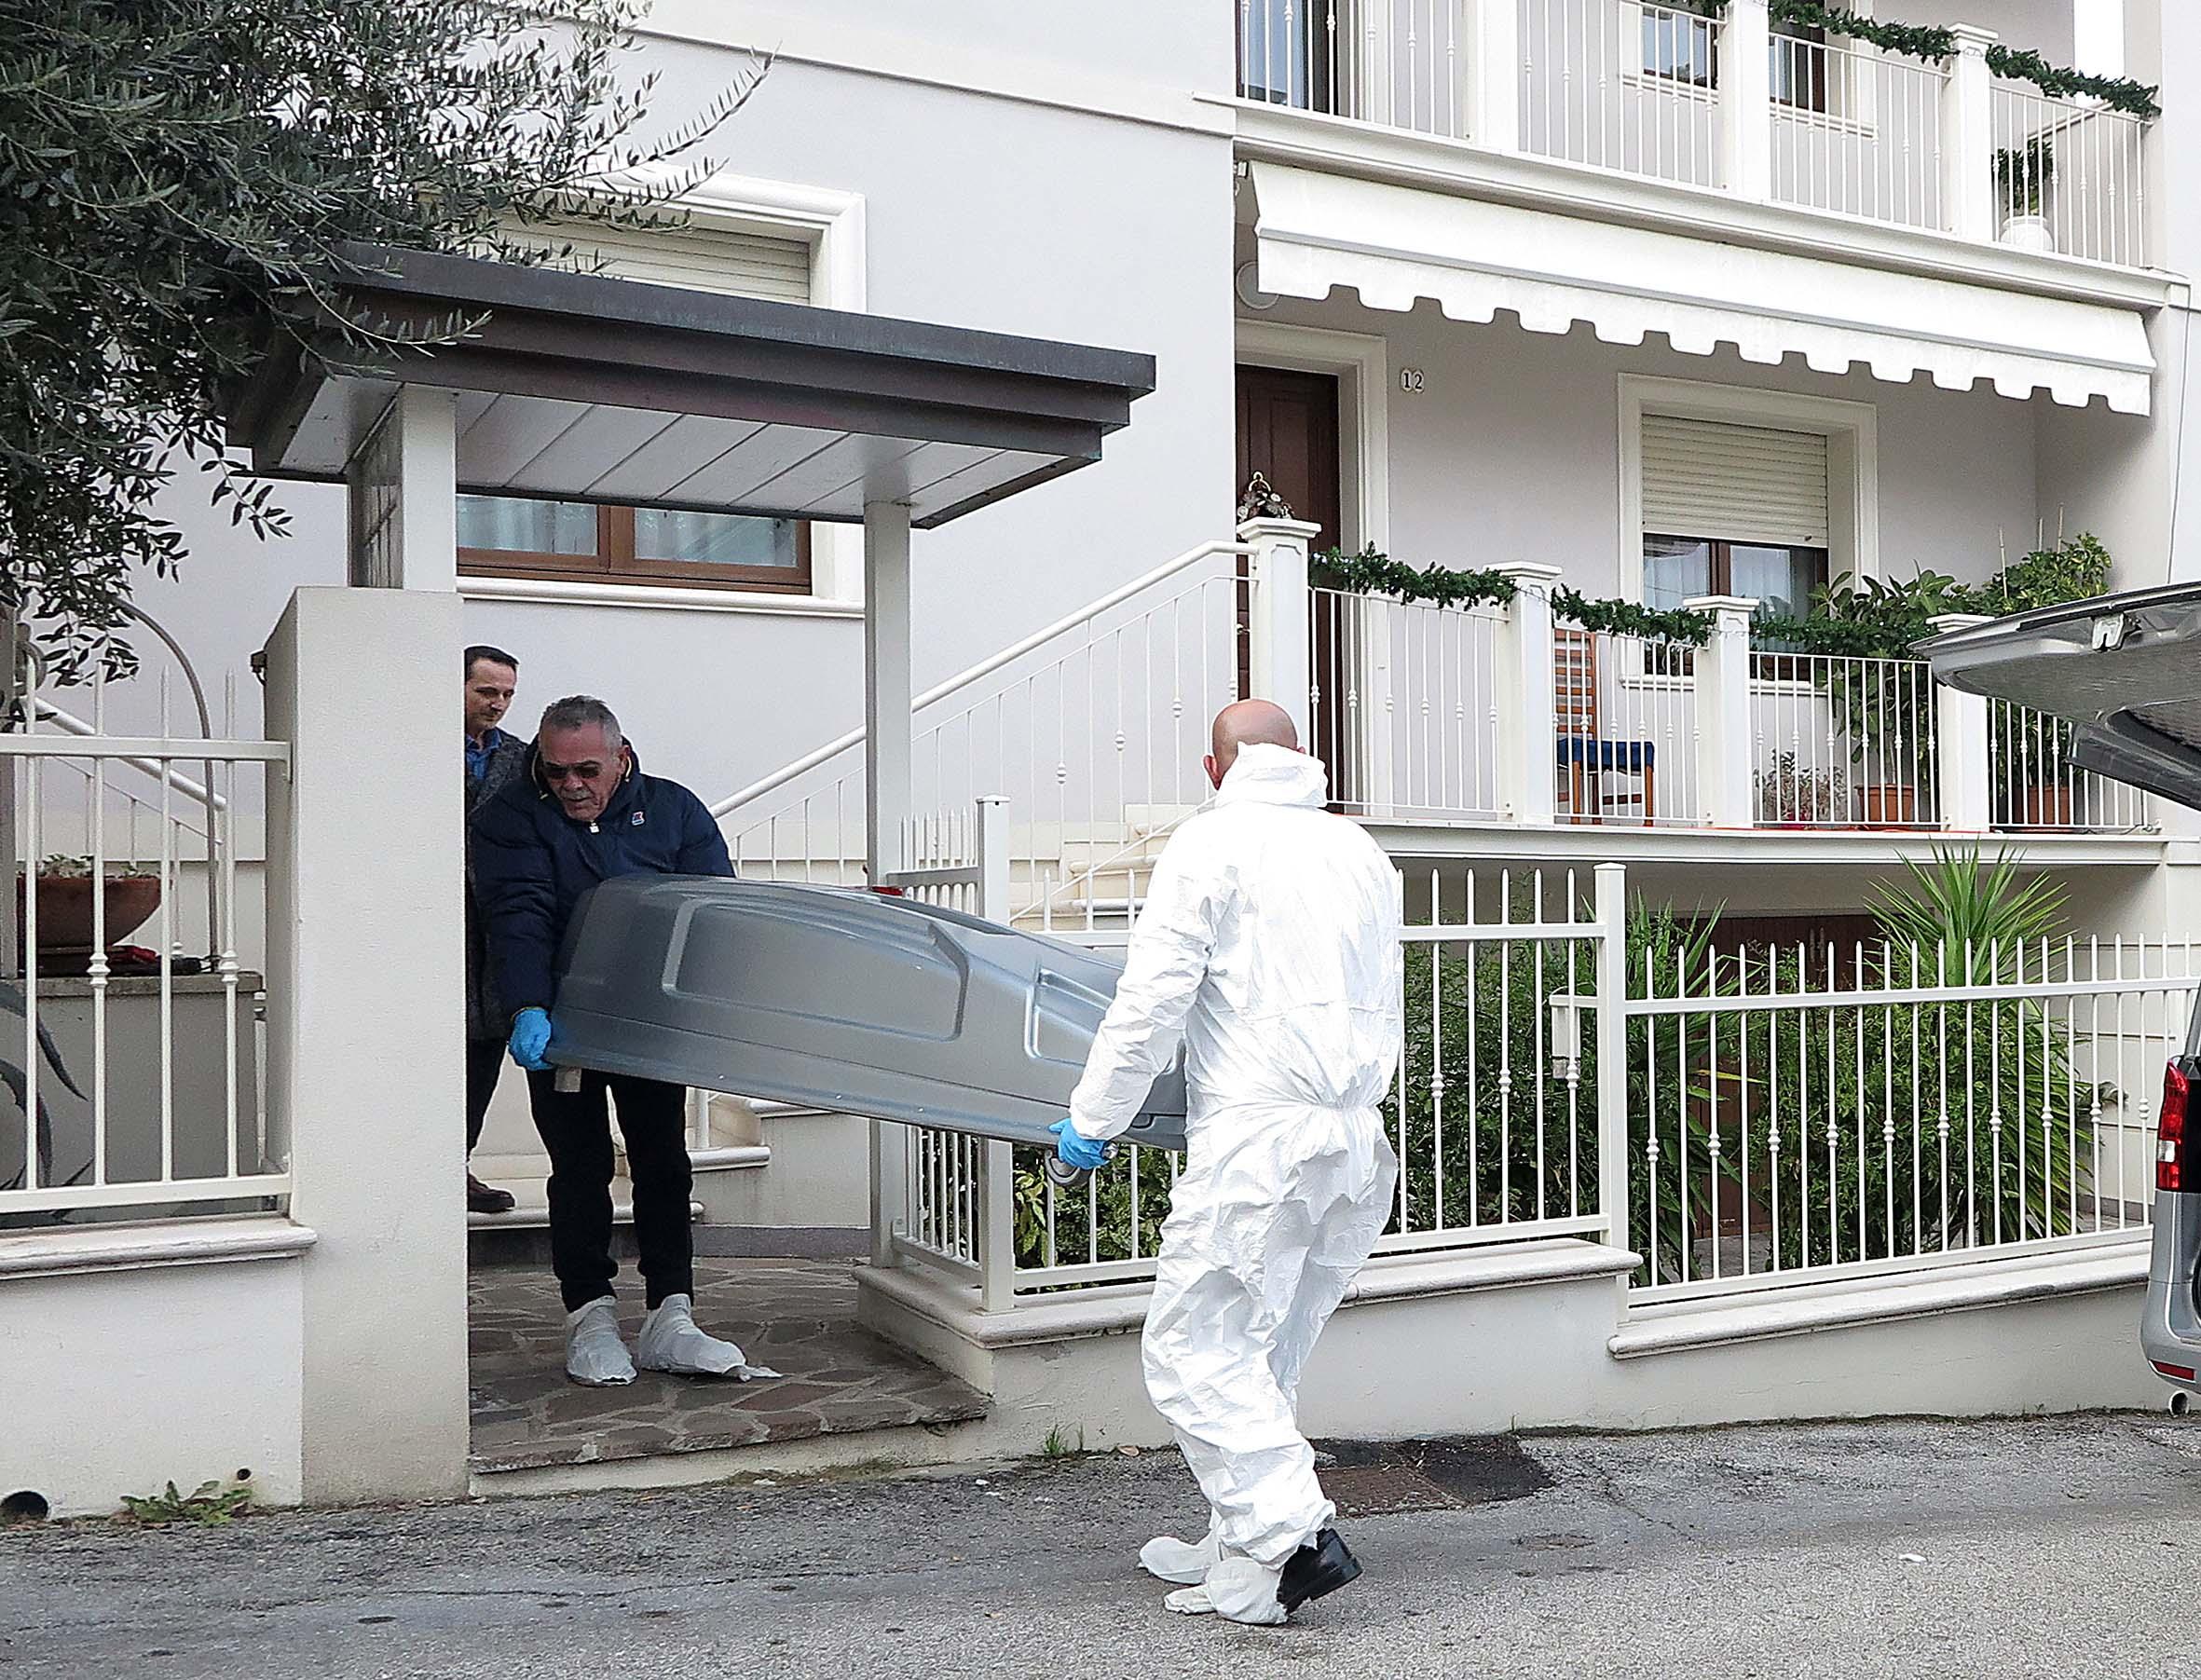 Donna trovata morta a Riccione: il nipote arrestato per omicidio